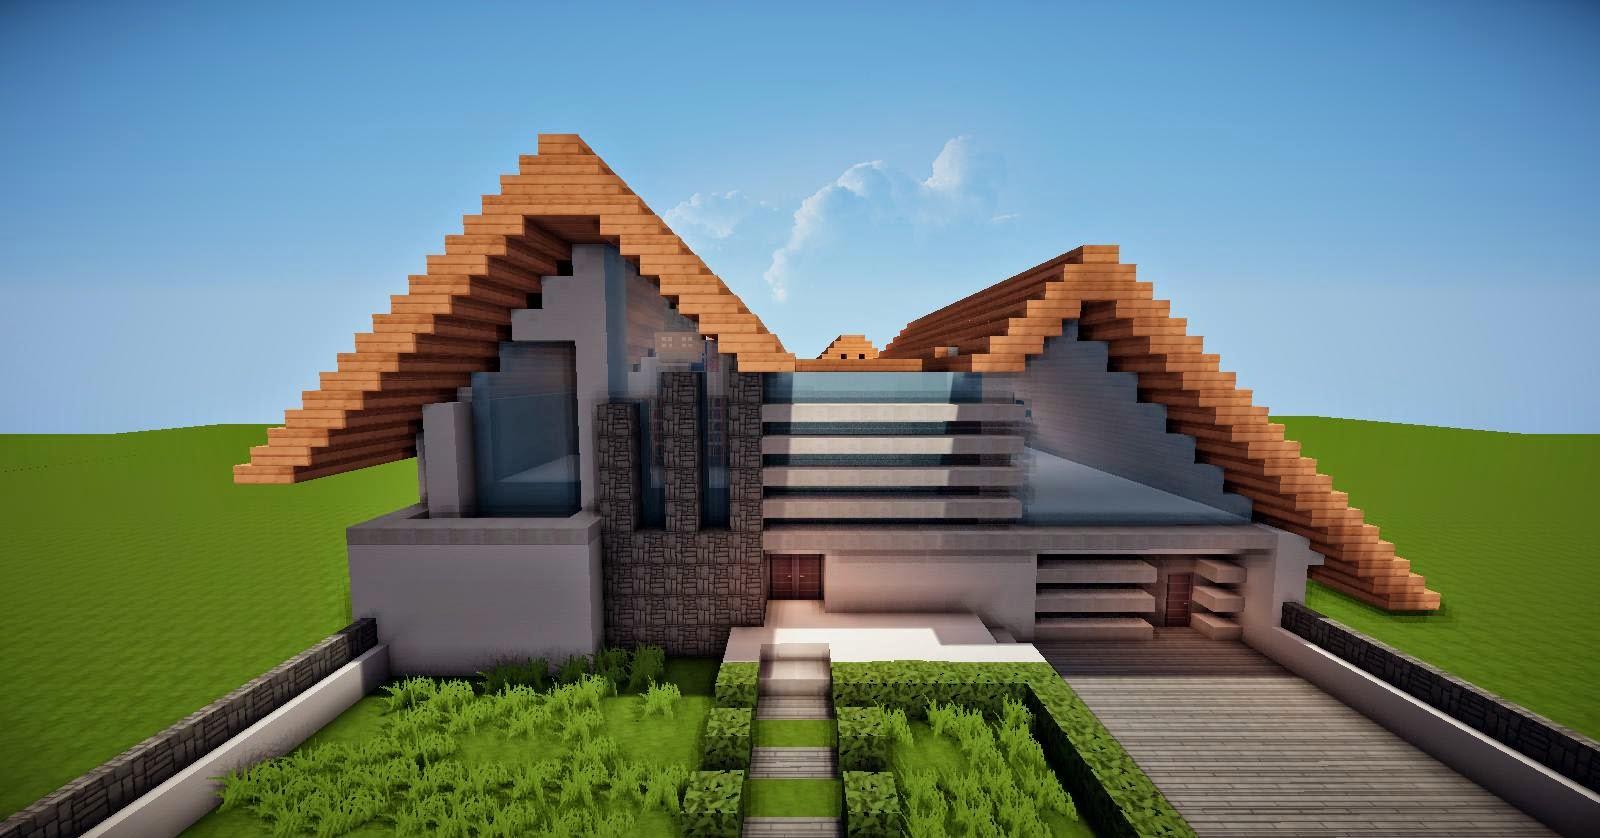 Casas modernas no minecraft for Casas modernas minecraft 0 14 0